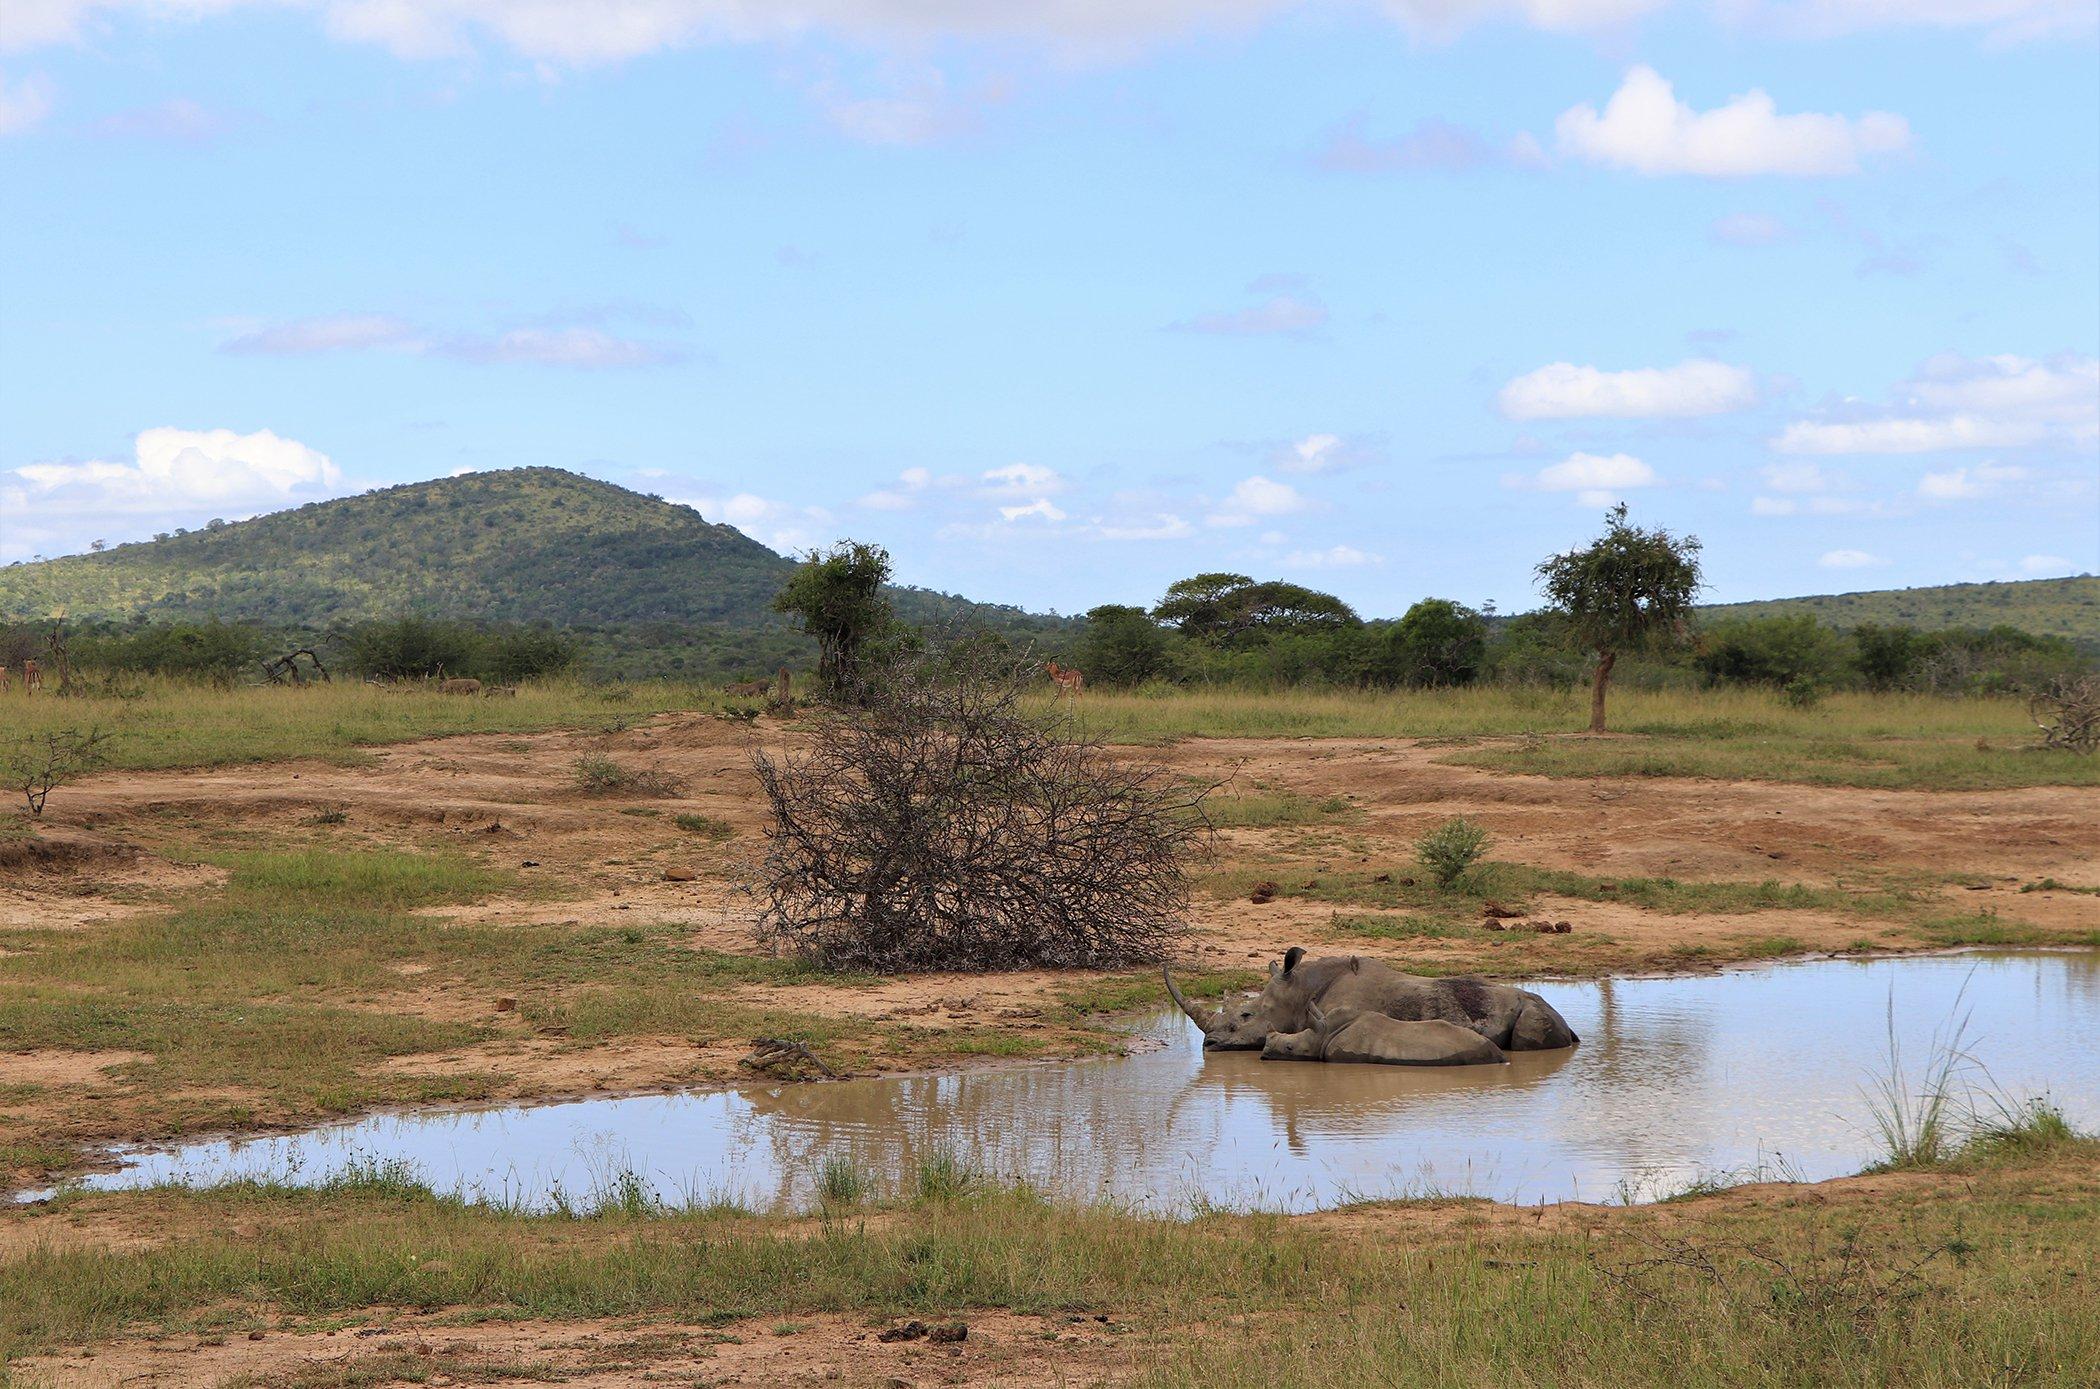 Rhinos-Hluhluwe-iMfolozi Hluhluwe, Kwazulu-Natal-South-Africa.jpg